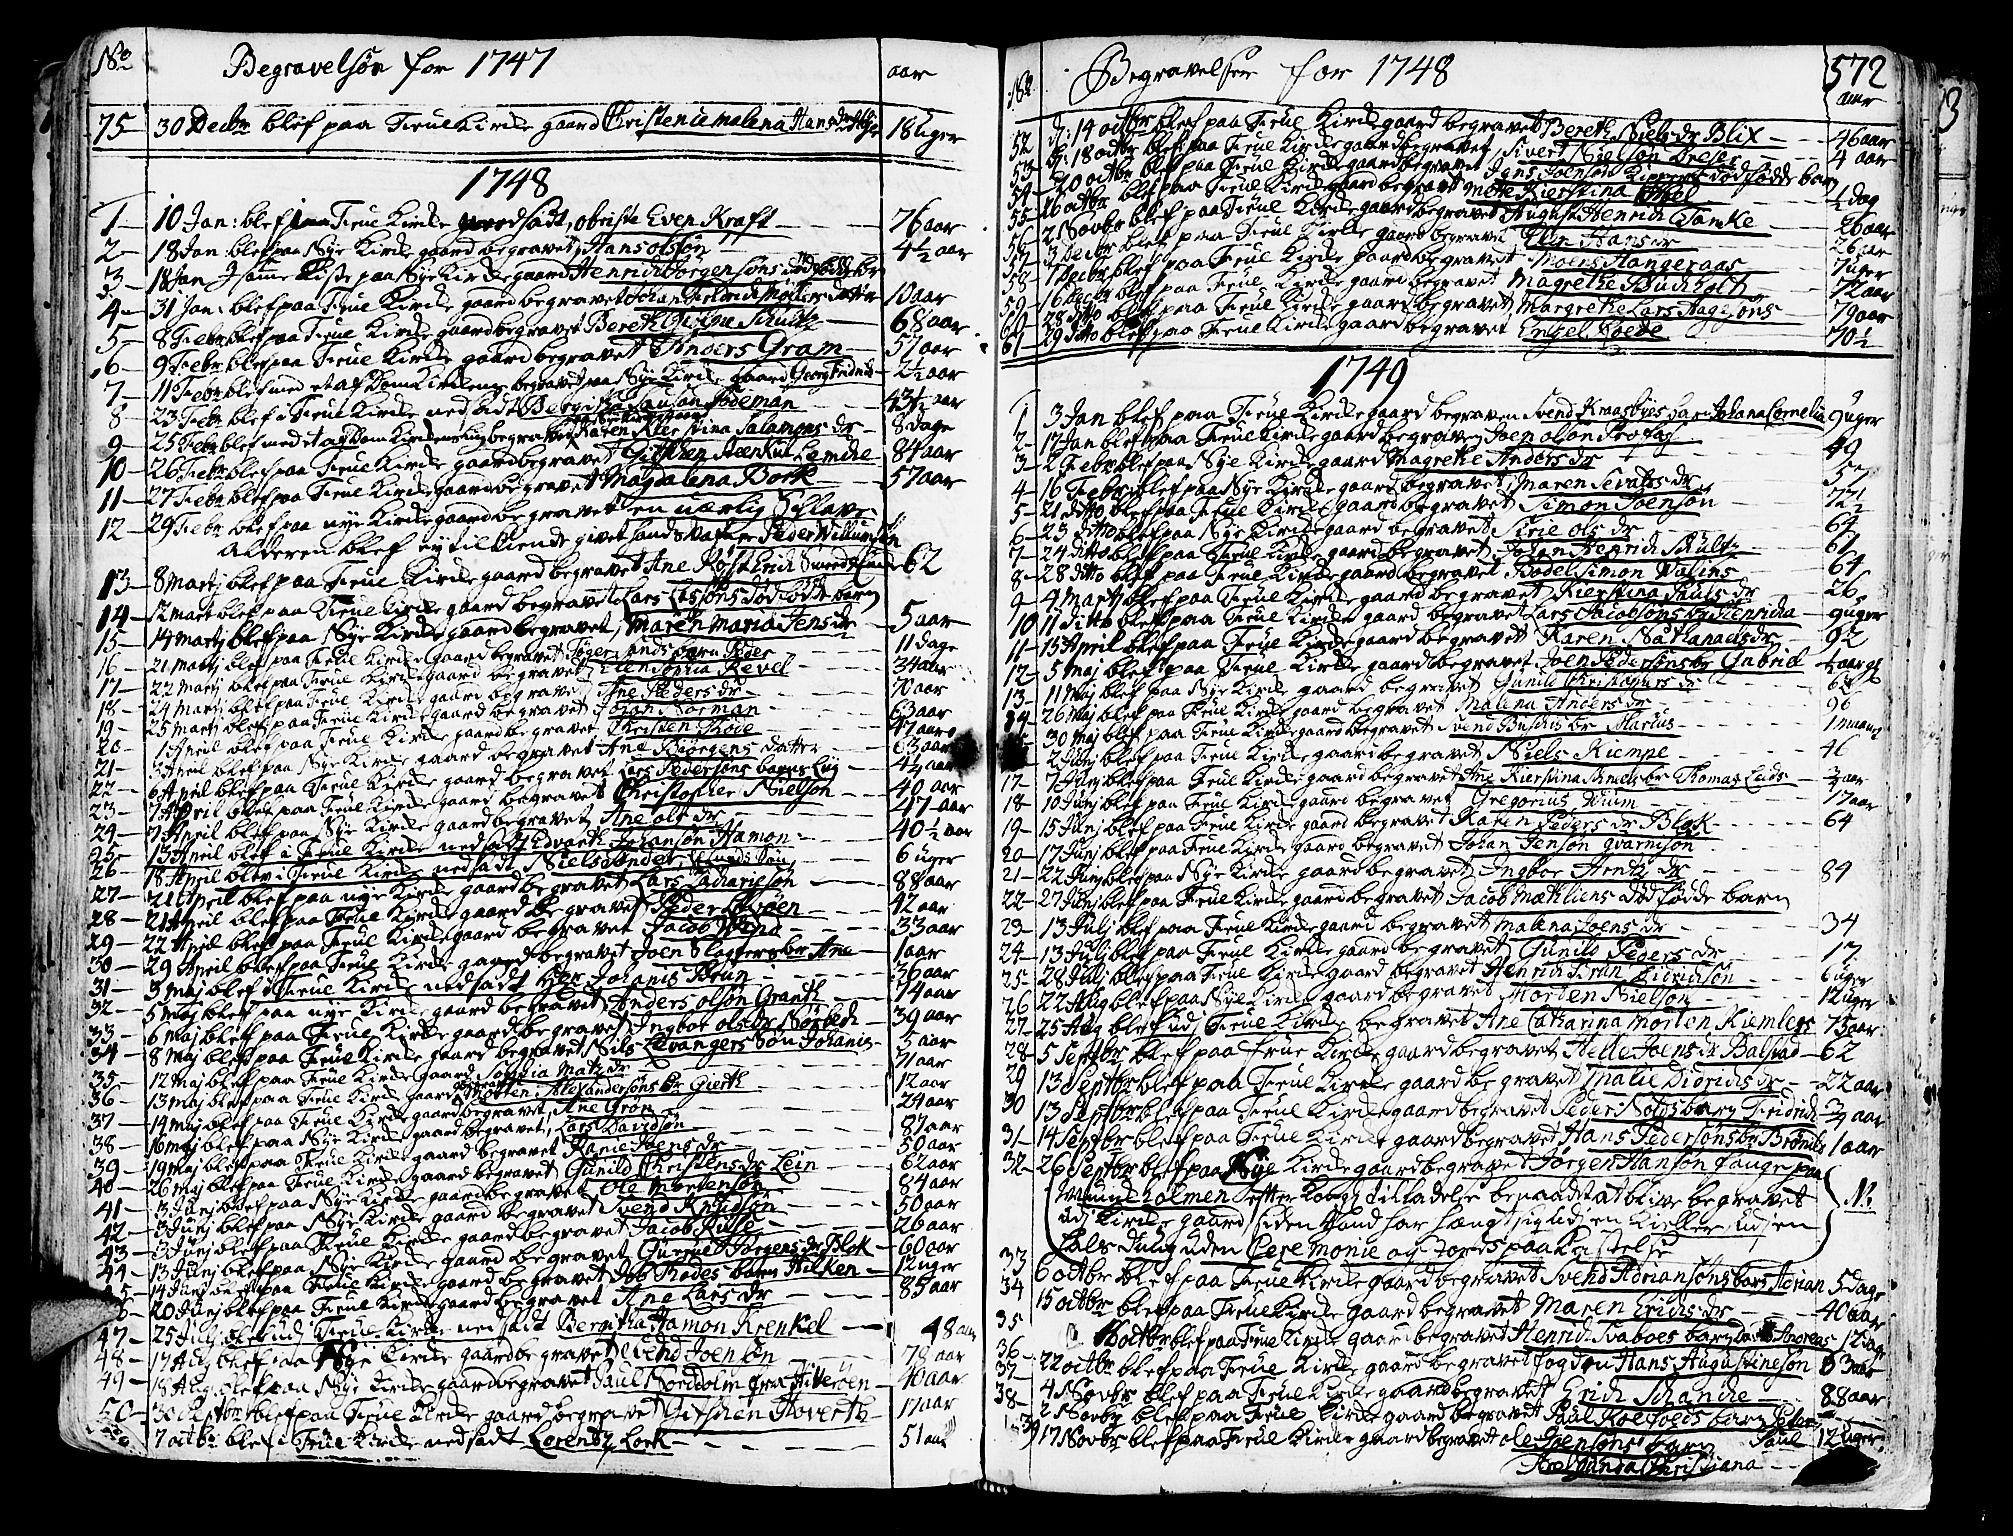 SAT, Ministerialprotokoller, klokkerbøker og fødselsregistre - Sør-Trøndelag, 602/L0103: Ministerialbok nr. 602A01, 1732-1774, s. 572